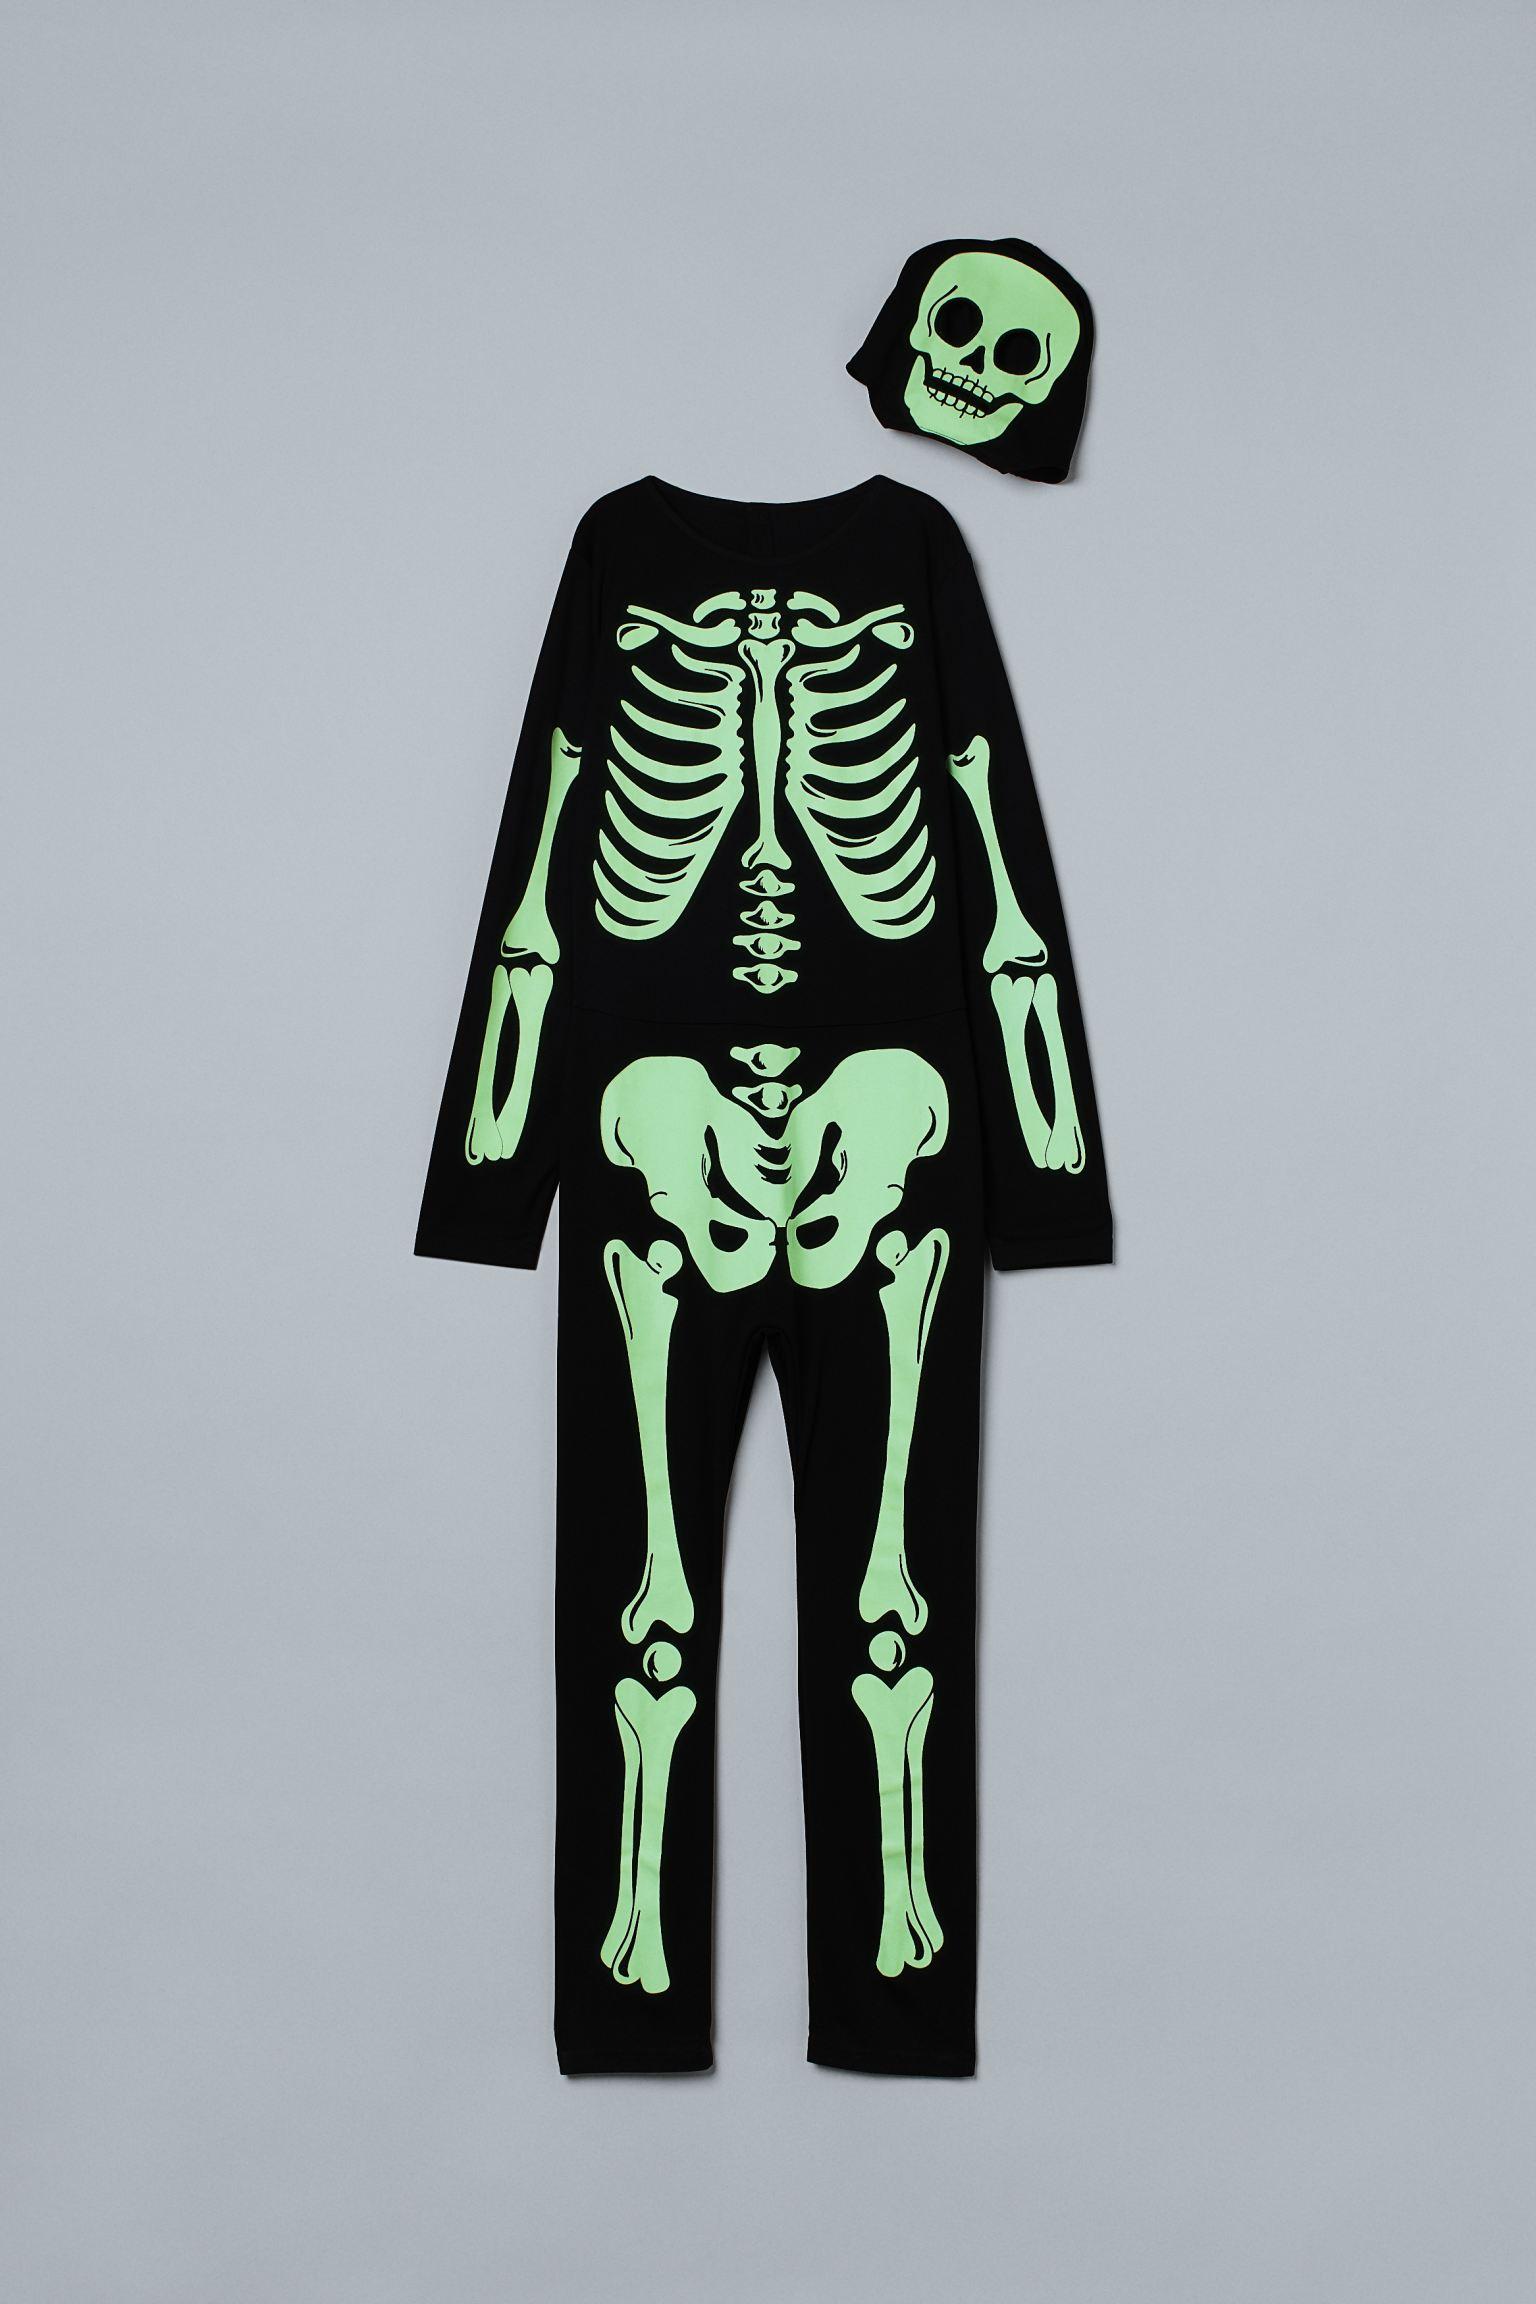 Disfraz de punto con careta a juego para transformarte en un terrorífico esqueleto que brilla en la oscuridad.